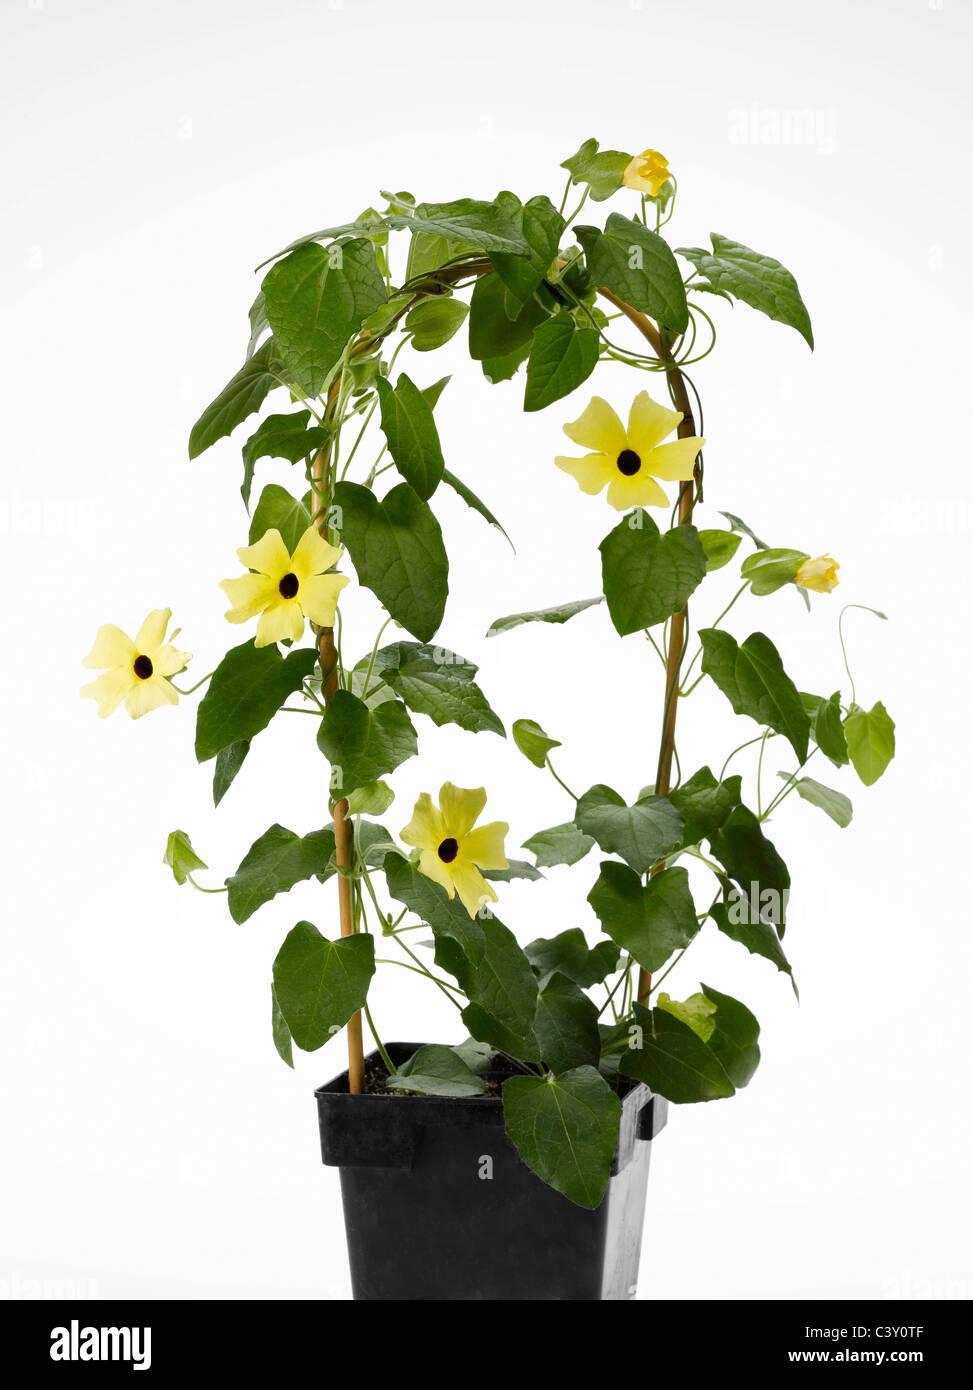 Flowering Thunbergia Black-Eyed Susan vine in flower-pot - Stock Image